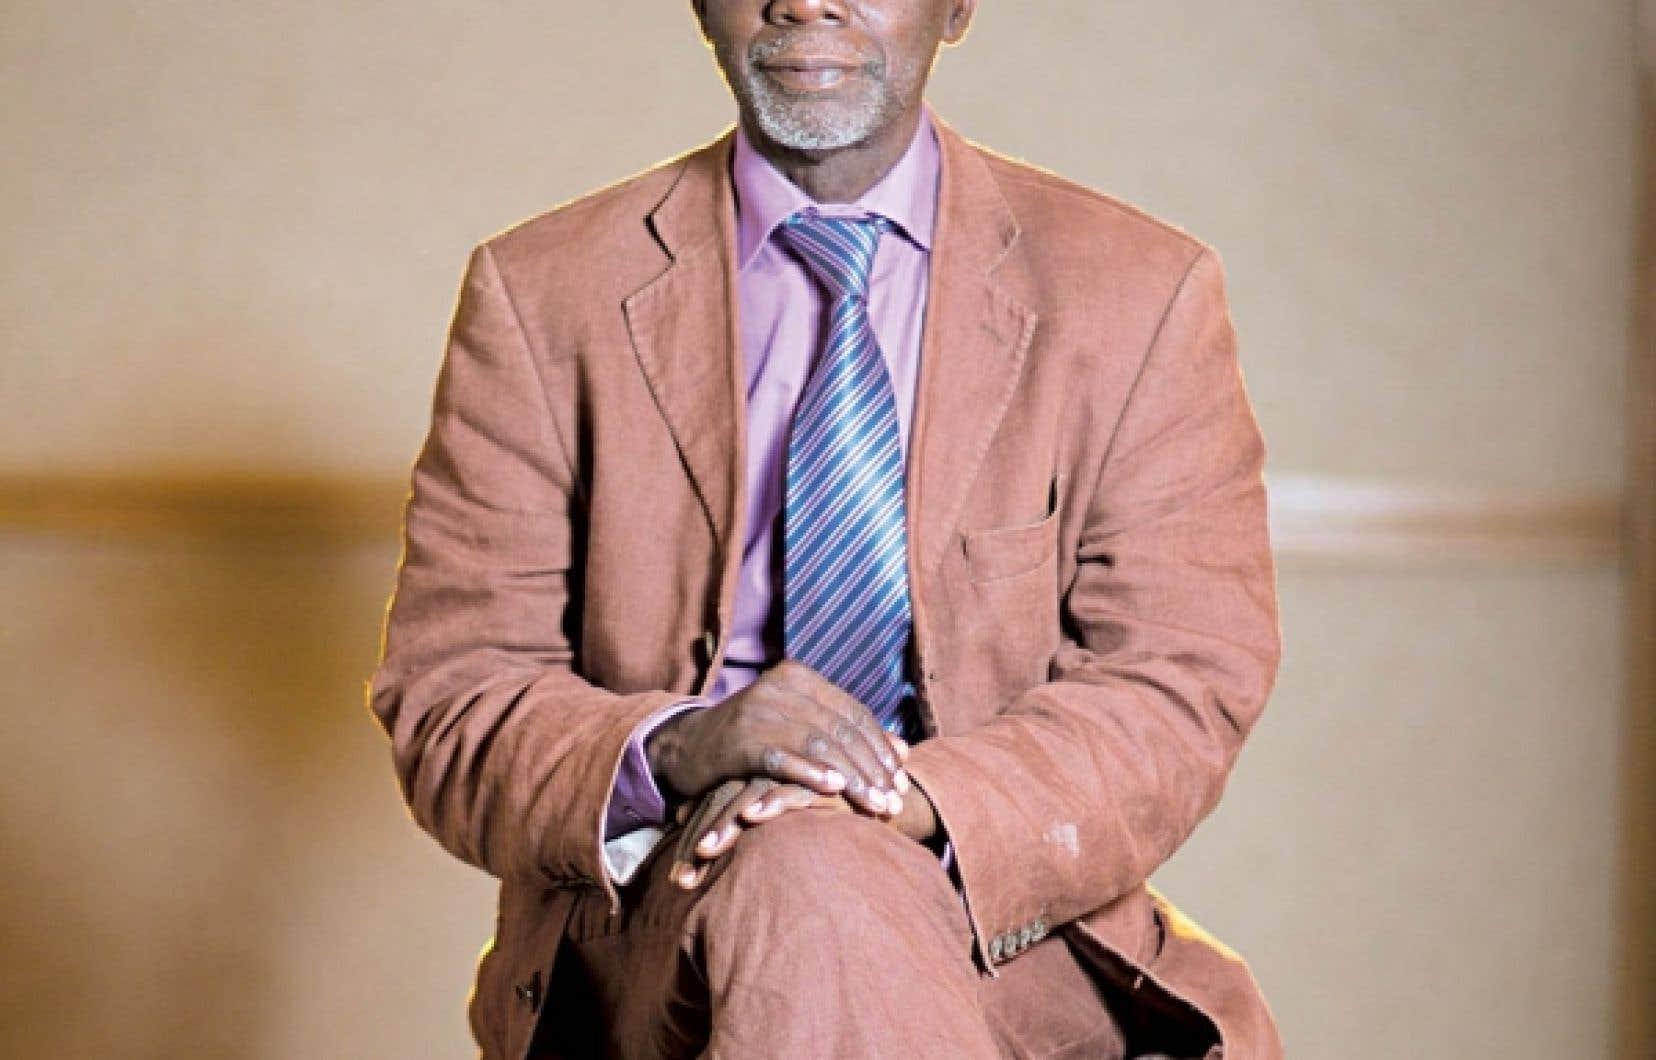 Tourner au Mali n&rsquo;est pas une sin&eacute;cure, et Souleymane Ciss&eacute; <br /> a beau &ecirc;tre une l&eacute;gende vivante, il doit se battre pour financer ses &oelig;uvres.<br />